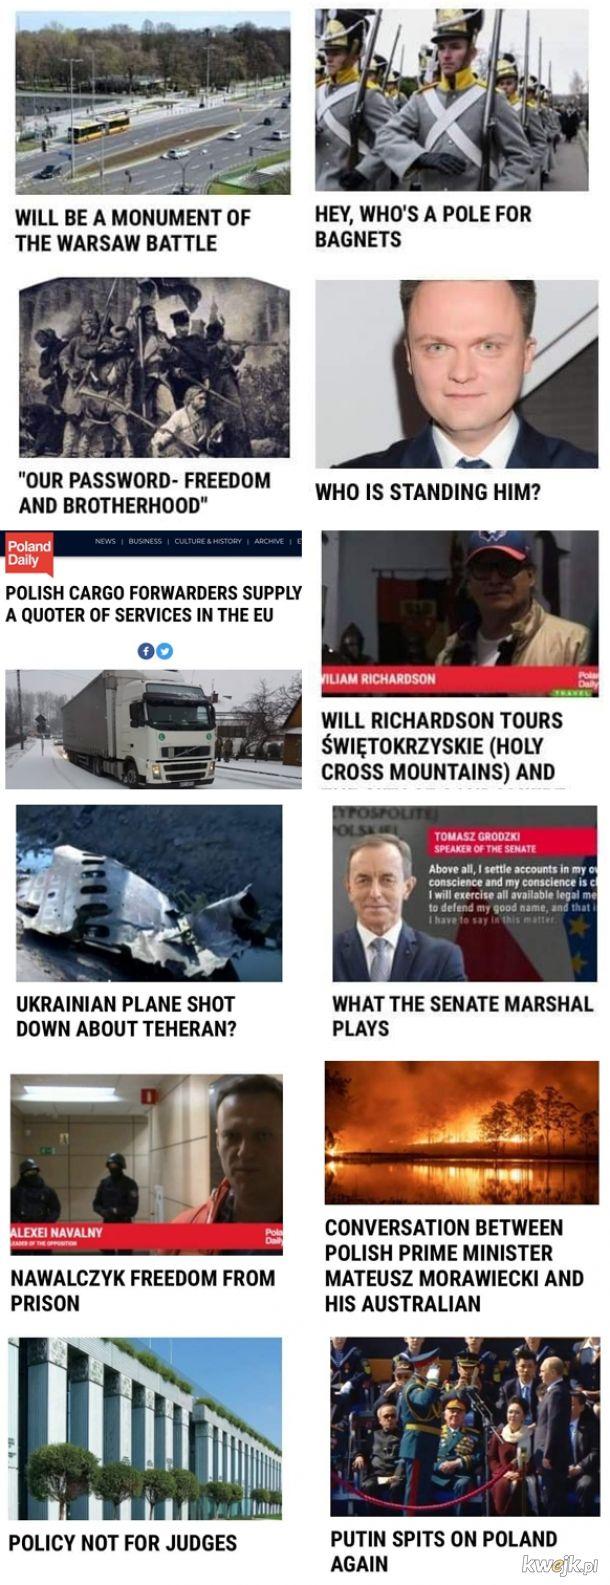 Tymczasem na portalu Poland Daily redagowanym przez Tv Republika